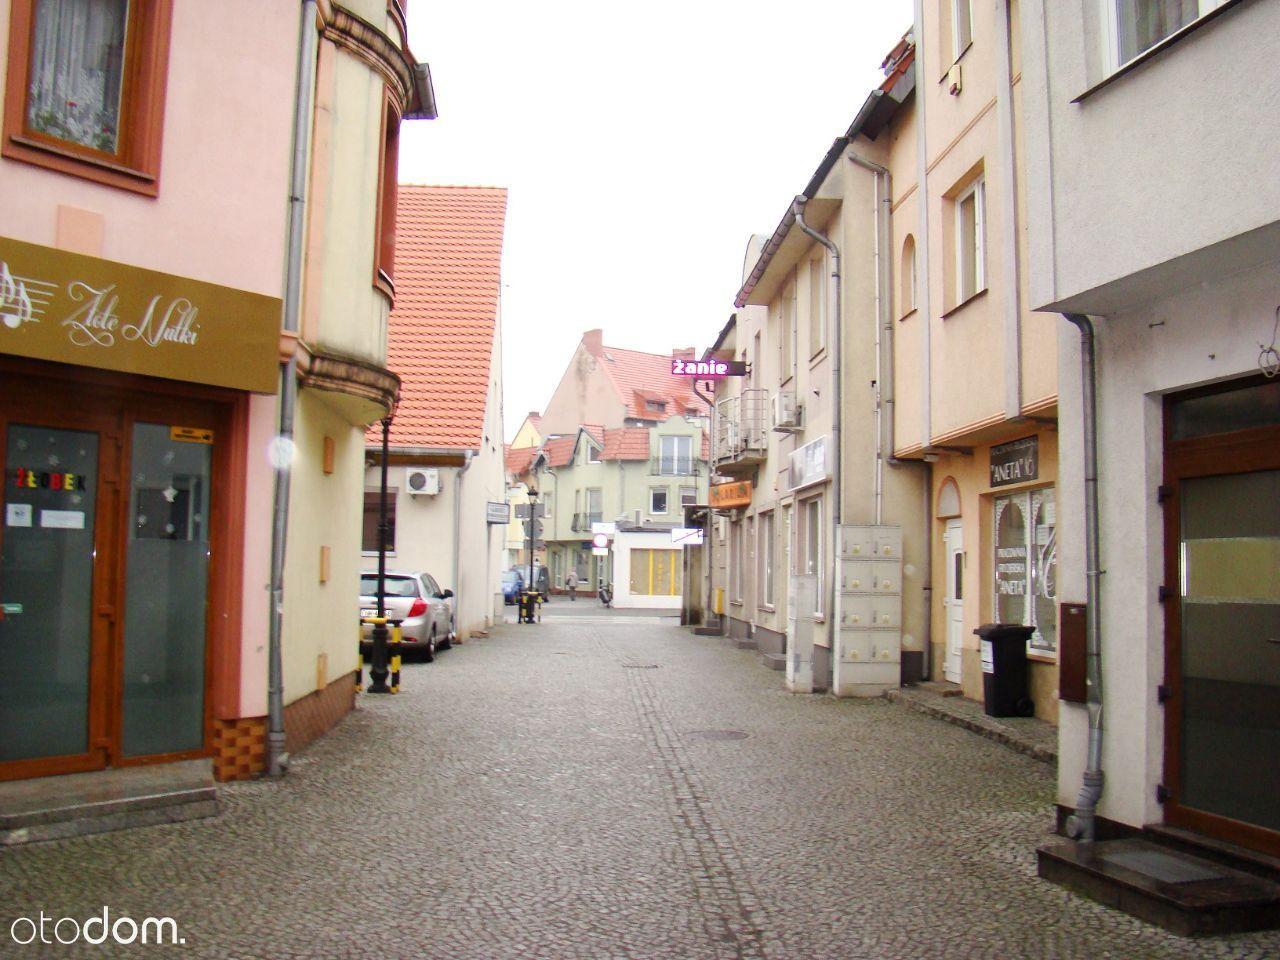 Lokal w centrum miasta ul. Witosa